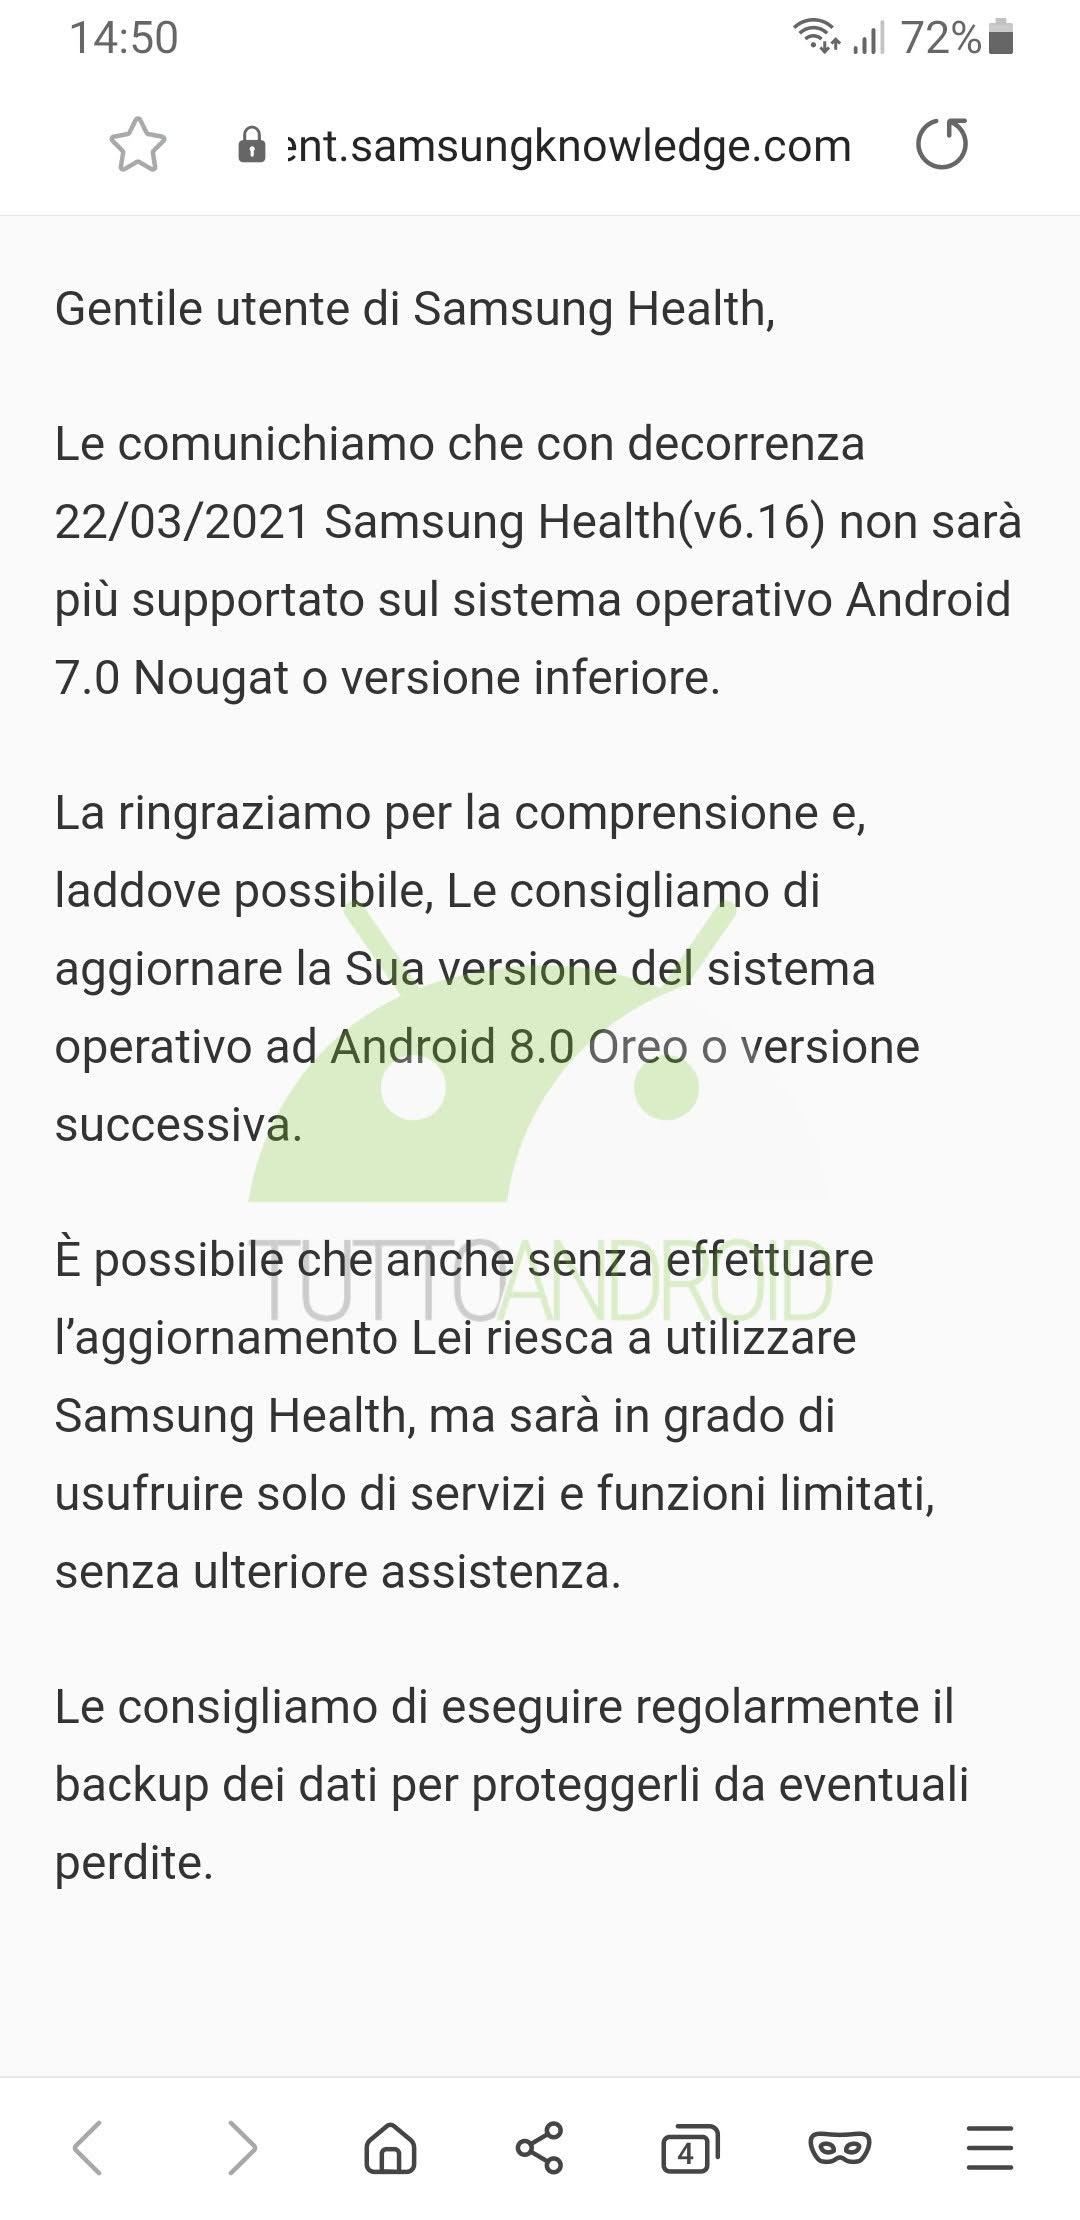 Samsung Health fine supporto android 7